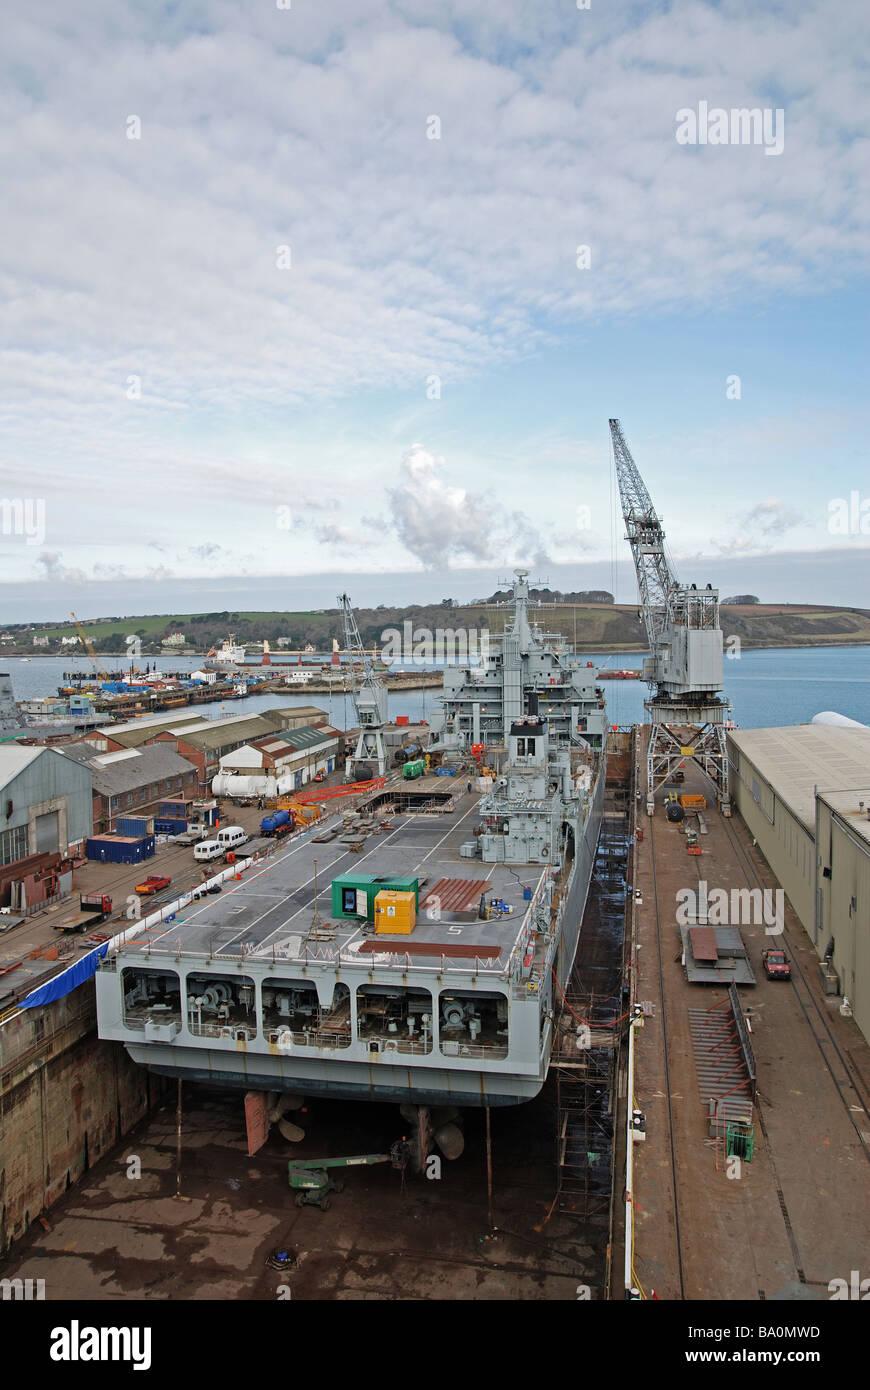 a ship in dry dock at a&p shipyard,falmouth,cornwall,uk - Stock Image